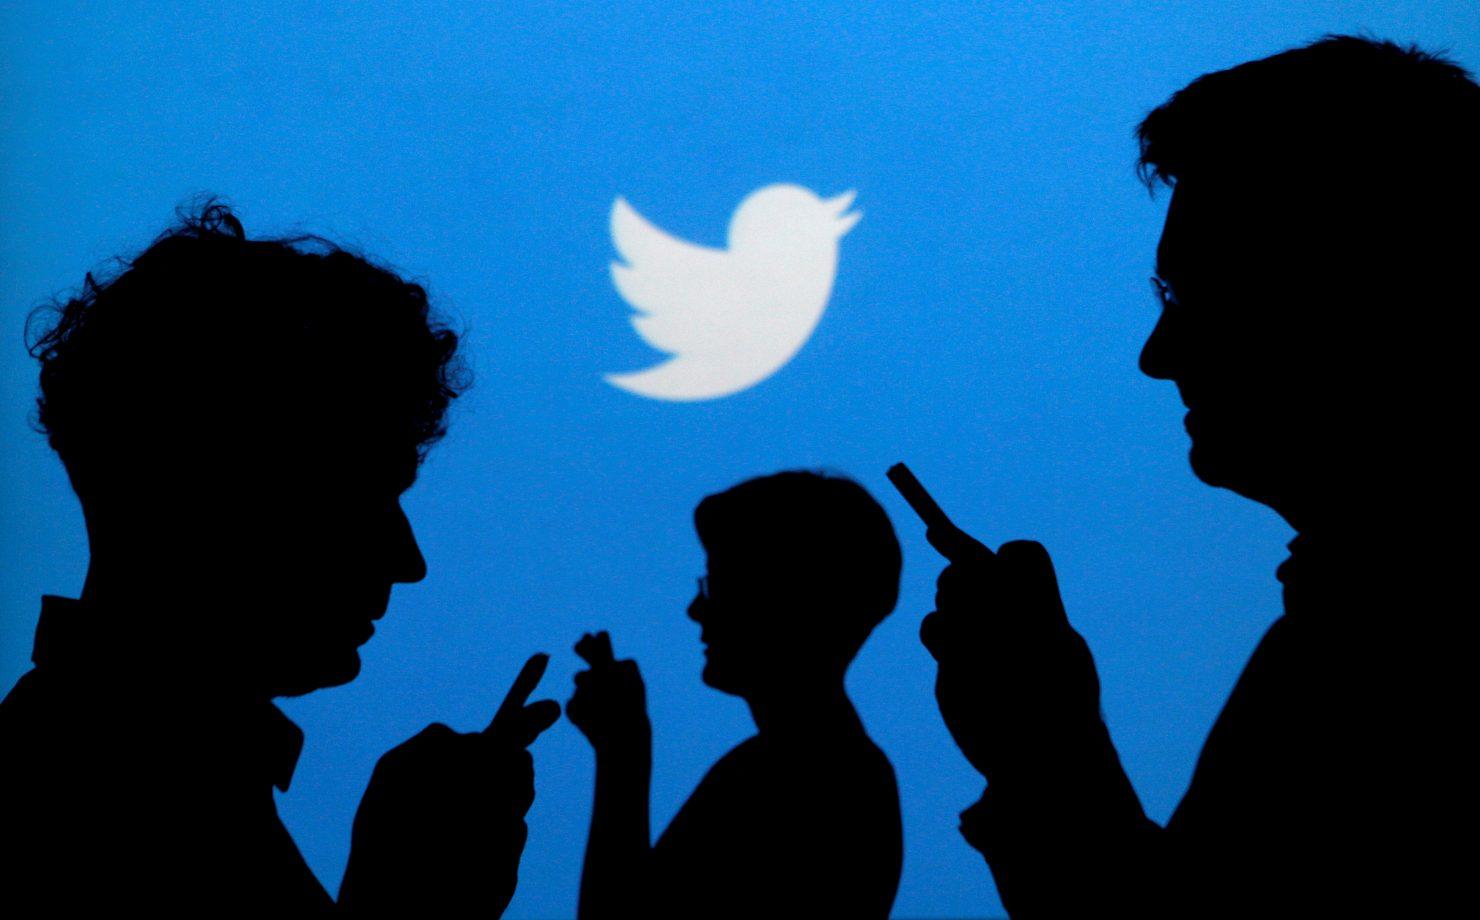 Twitter anuncia novo recurso que permitirá criar comunidades